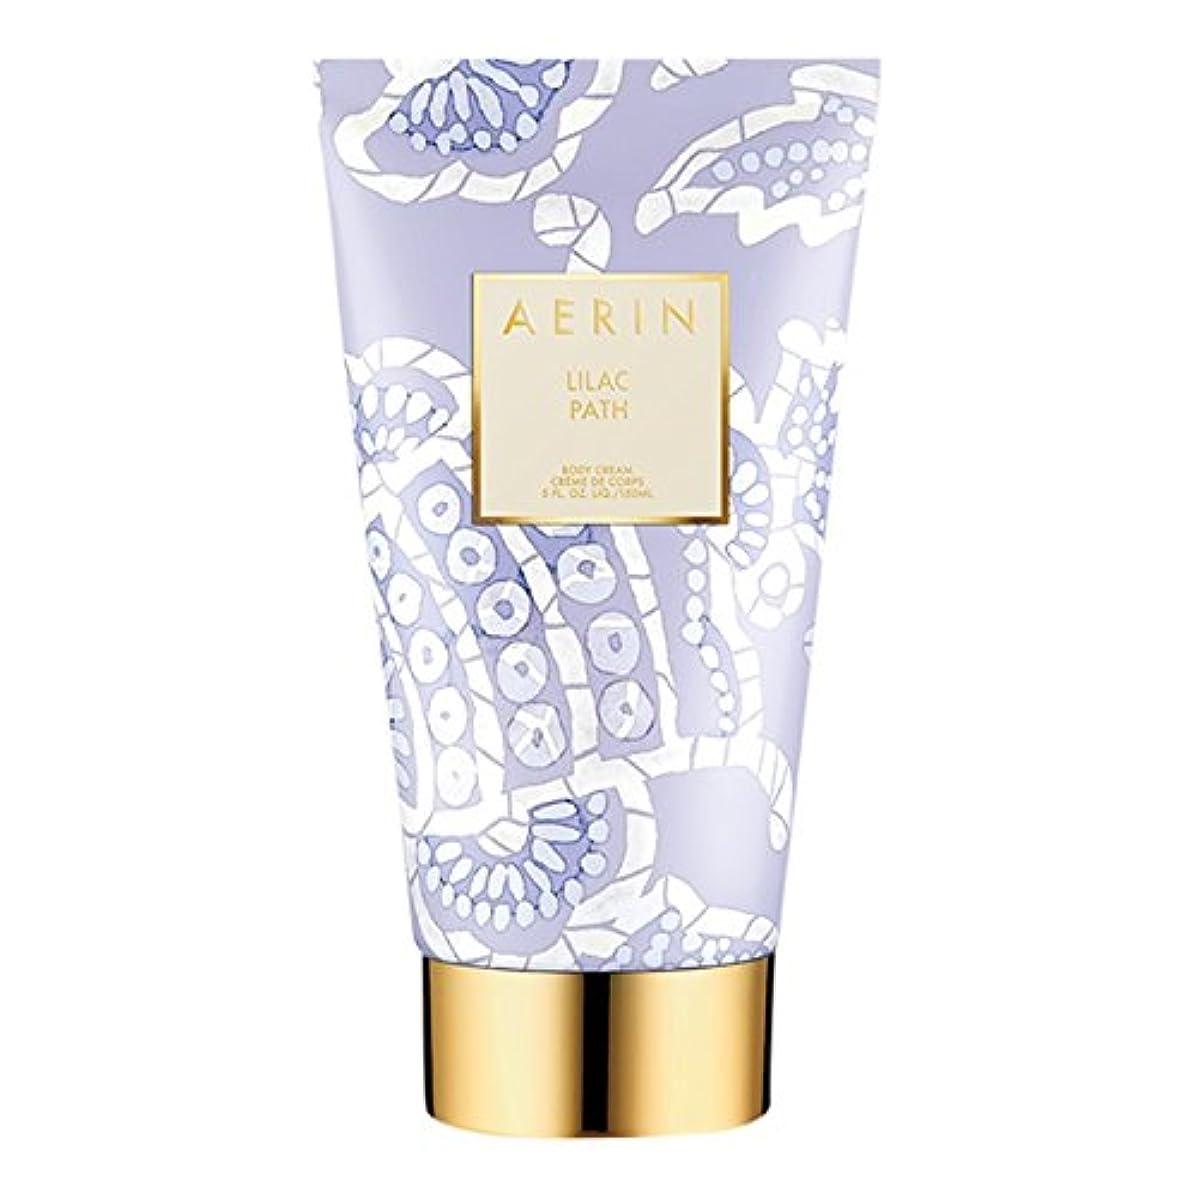 喜劇注釈に対応Aerinライラックパスボディクリーム150ミリリットル (AERIN) (x2) - AERIN Lilac Path Body Cream 150ml (Pack of 2) [並行輸入品]